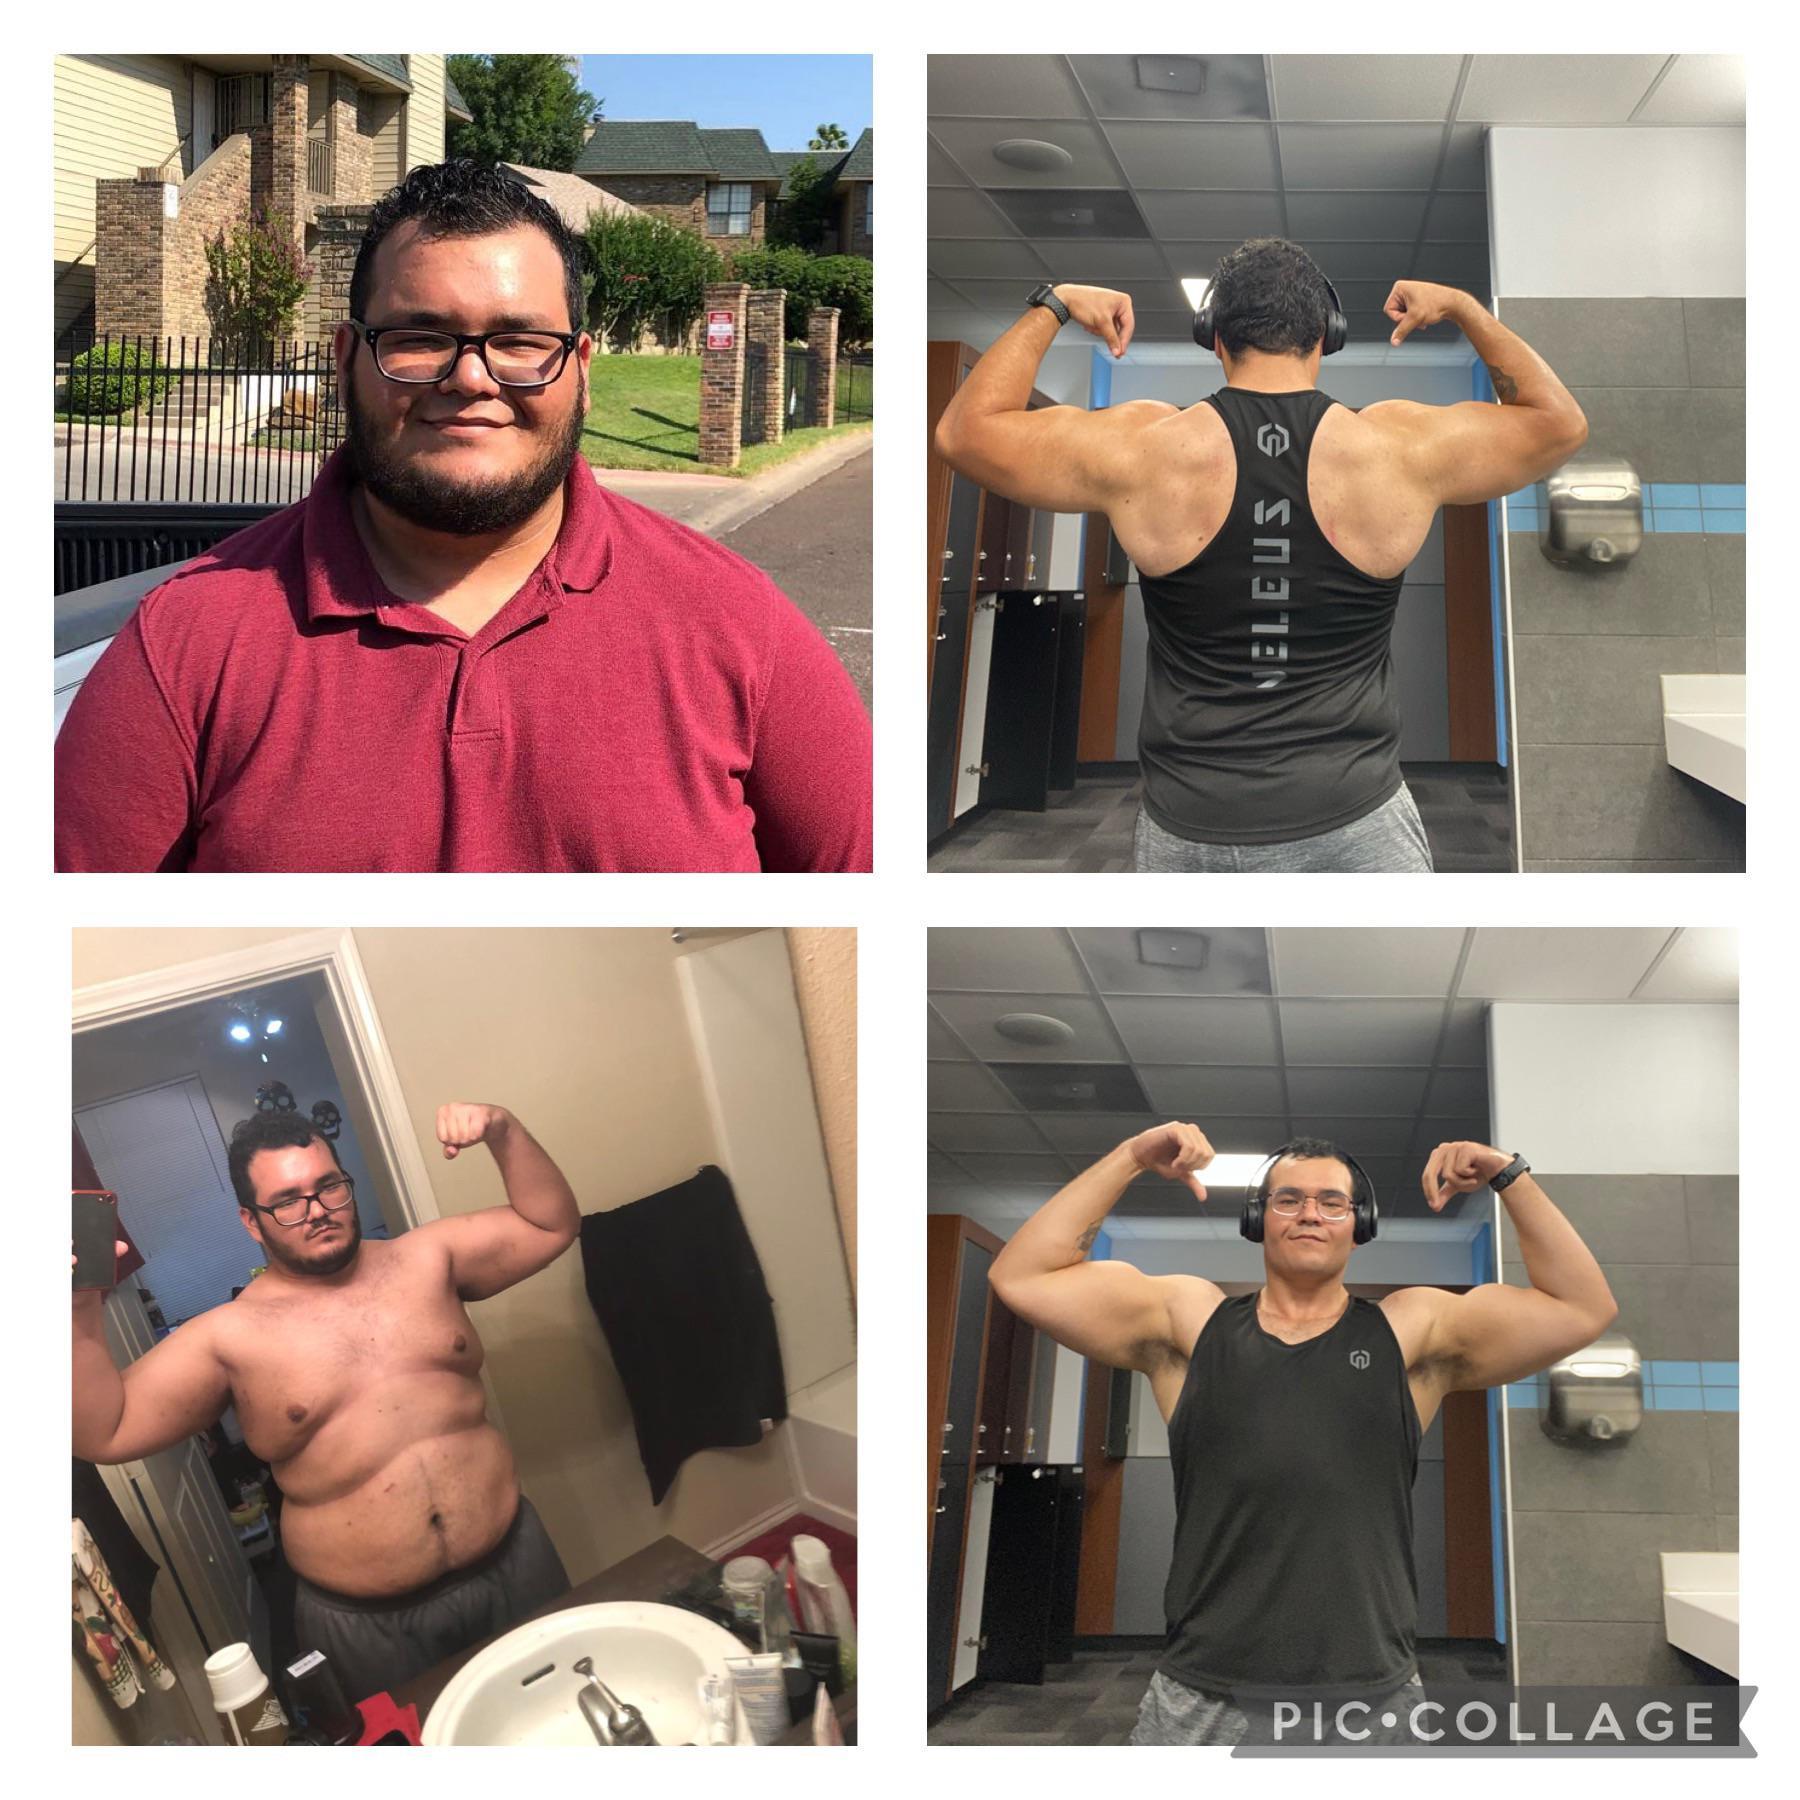 Progress Pics of 142 lbs Fat Loss 5 feet 7 Male 340 lbs to 198 lbs